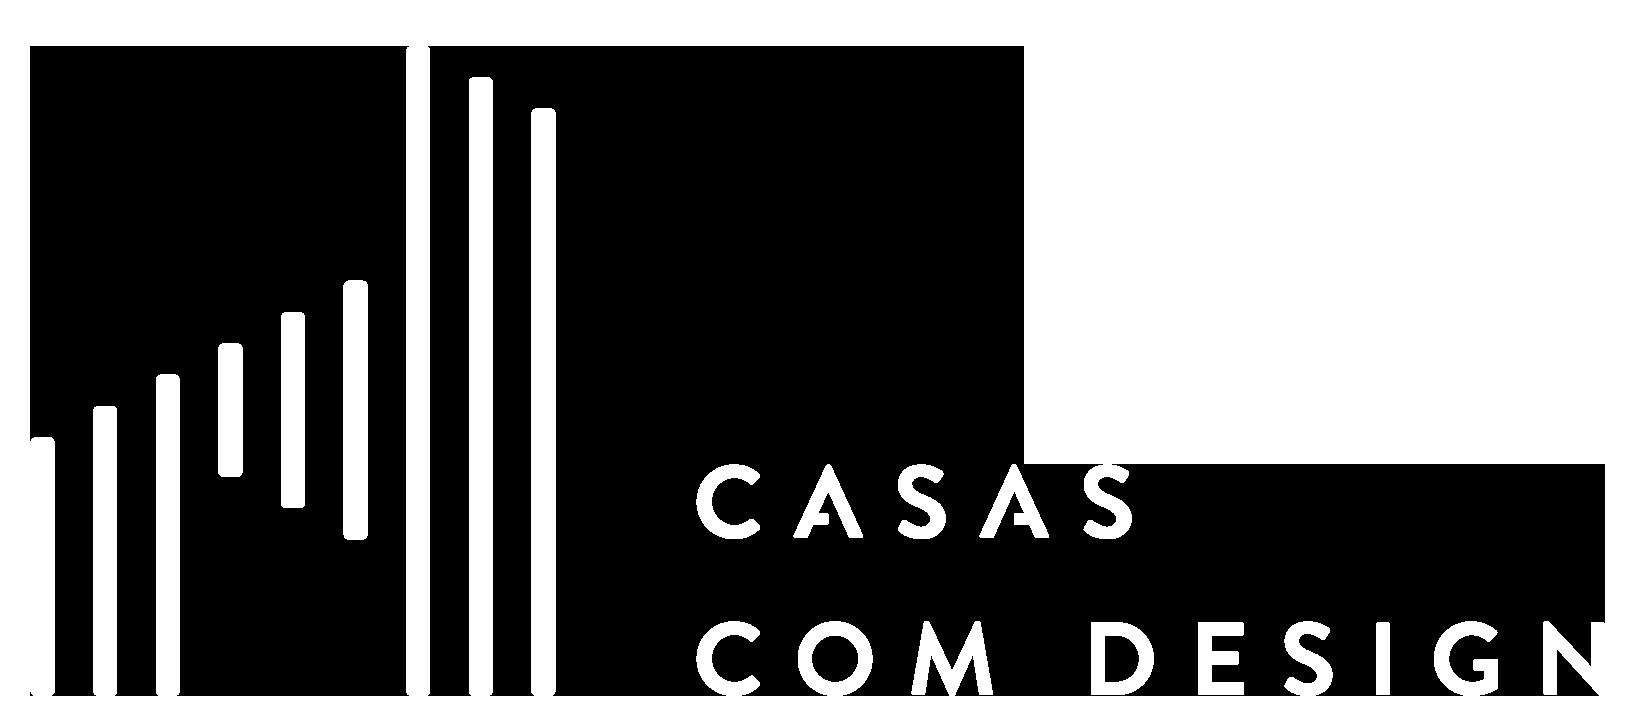 Logo casas com design